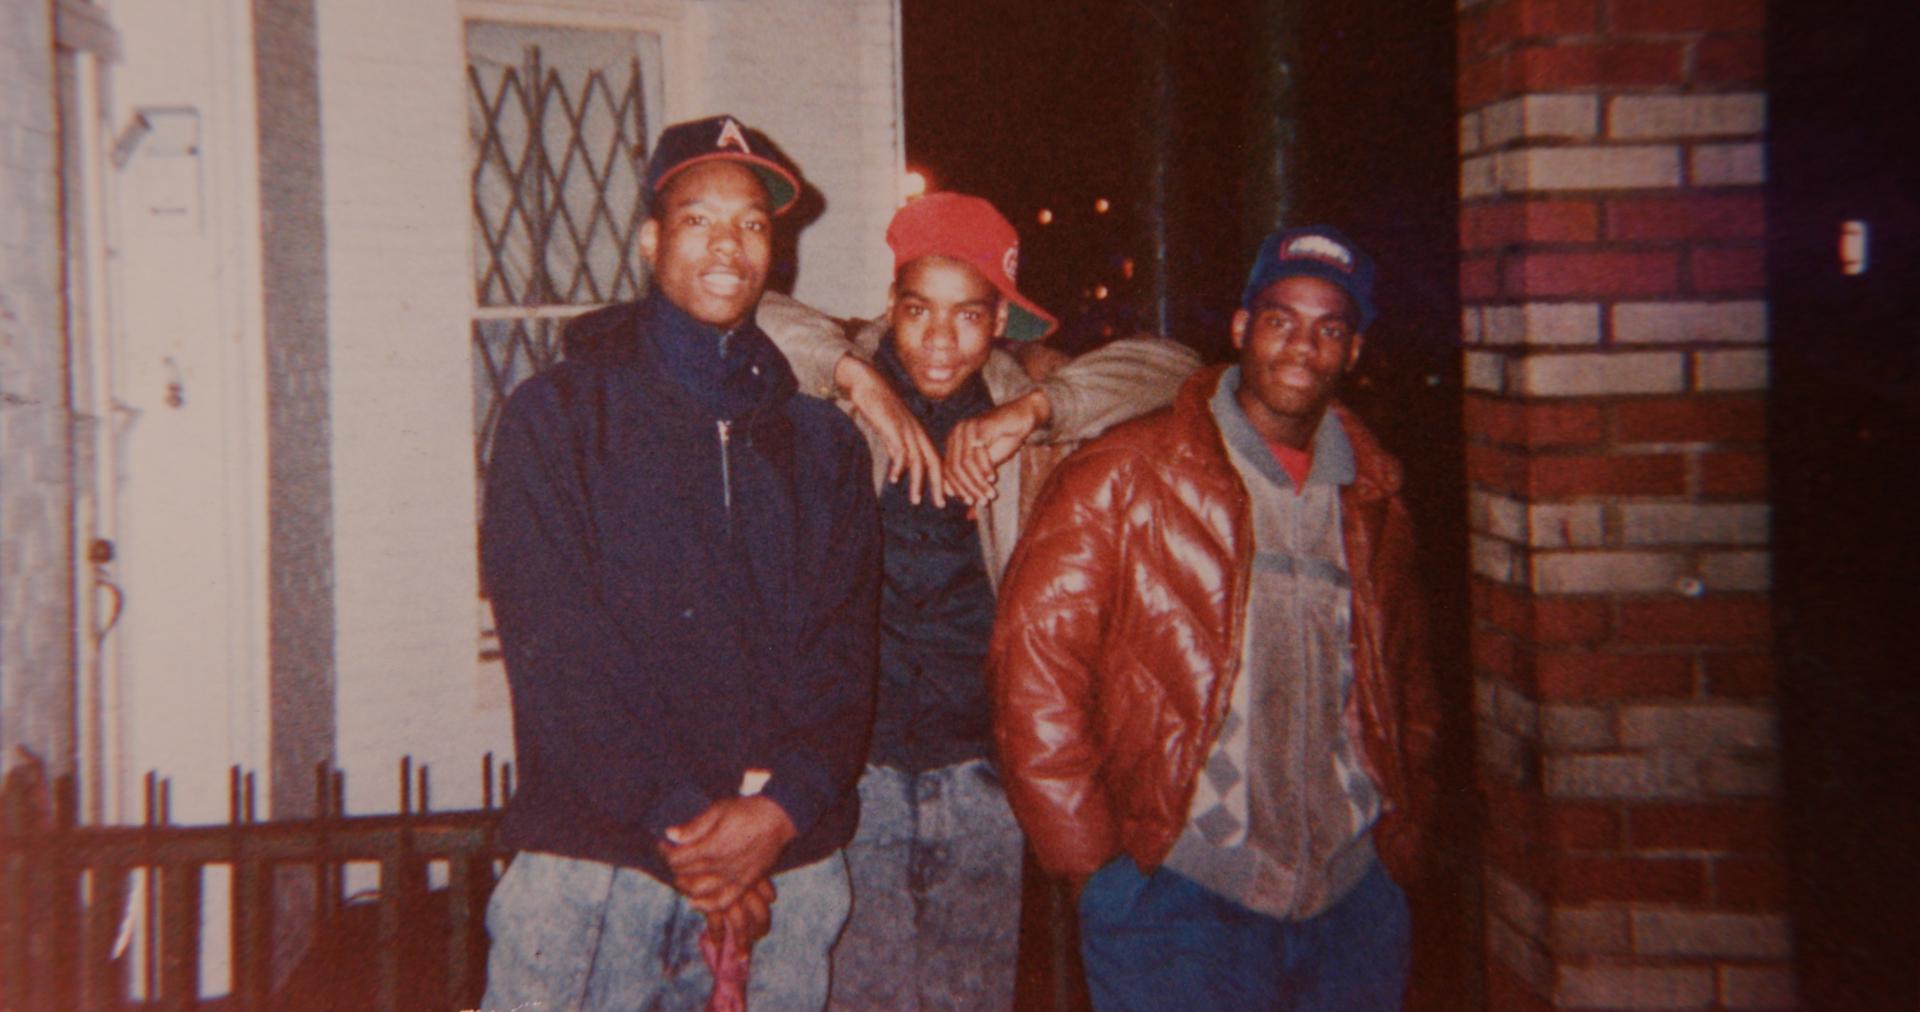 Yusuf Hawkins, Amir Hawkins and Freddy Hawkins